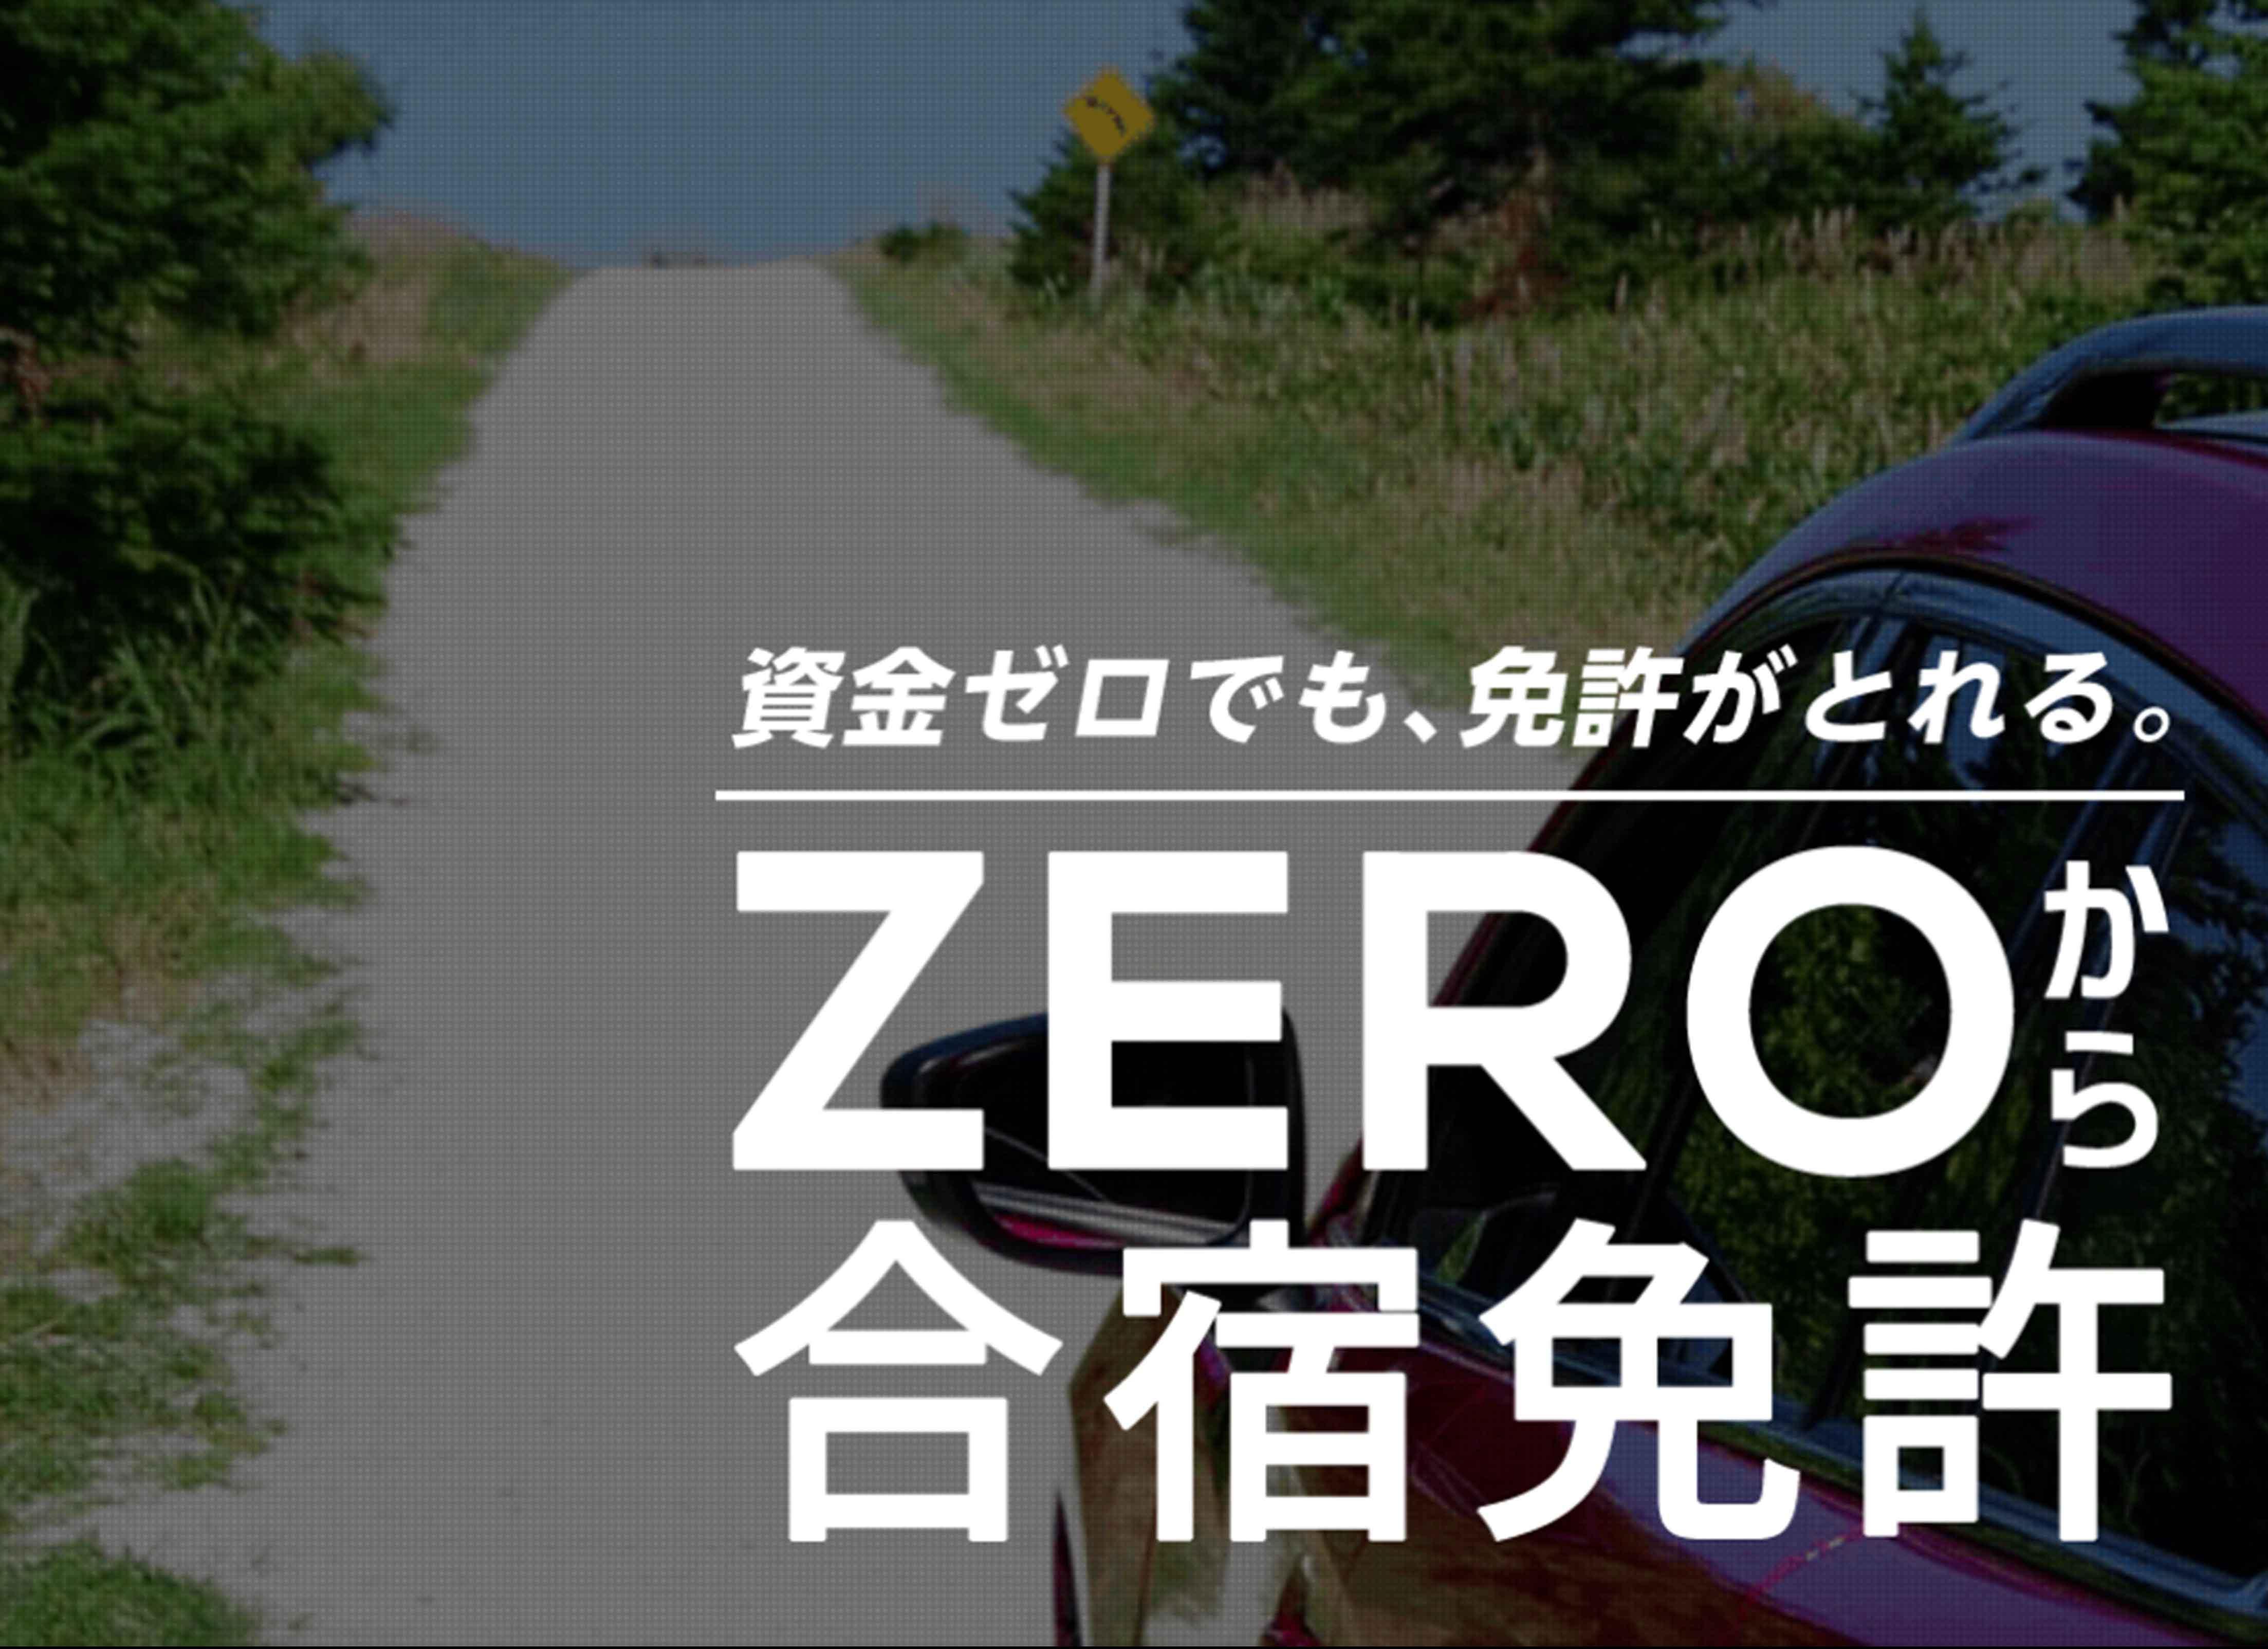 ZEROから合宿免許